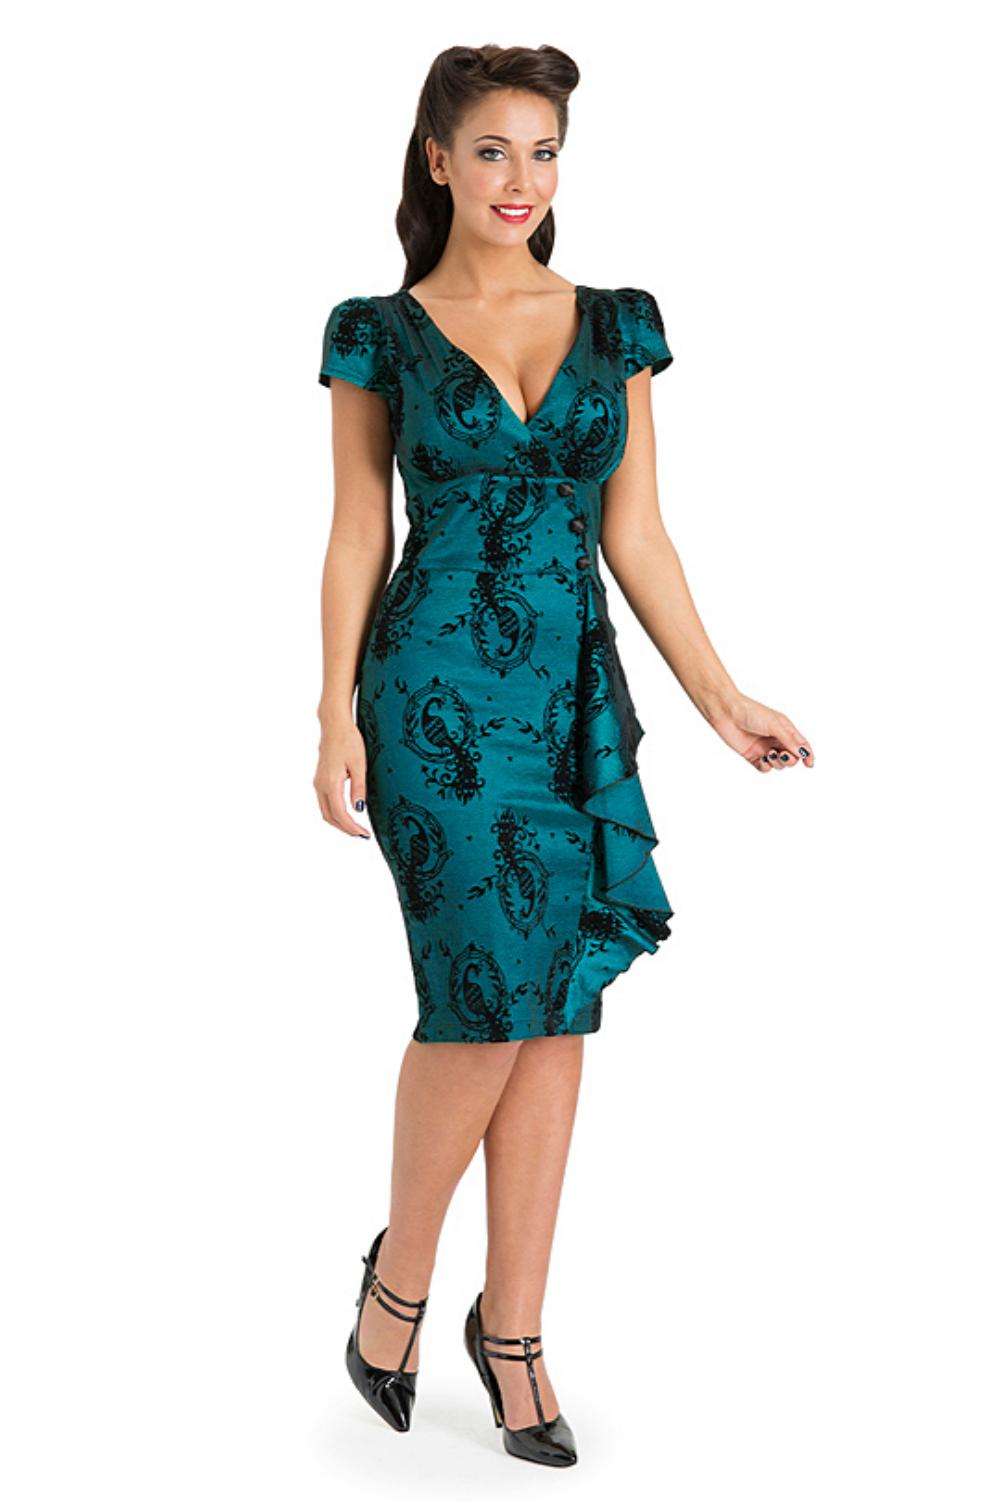 Voodoo Vixen Candy Anne Blue Dress